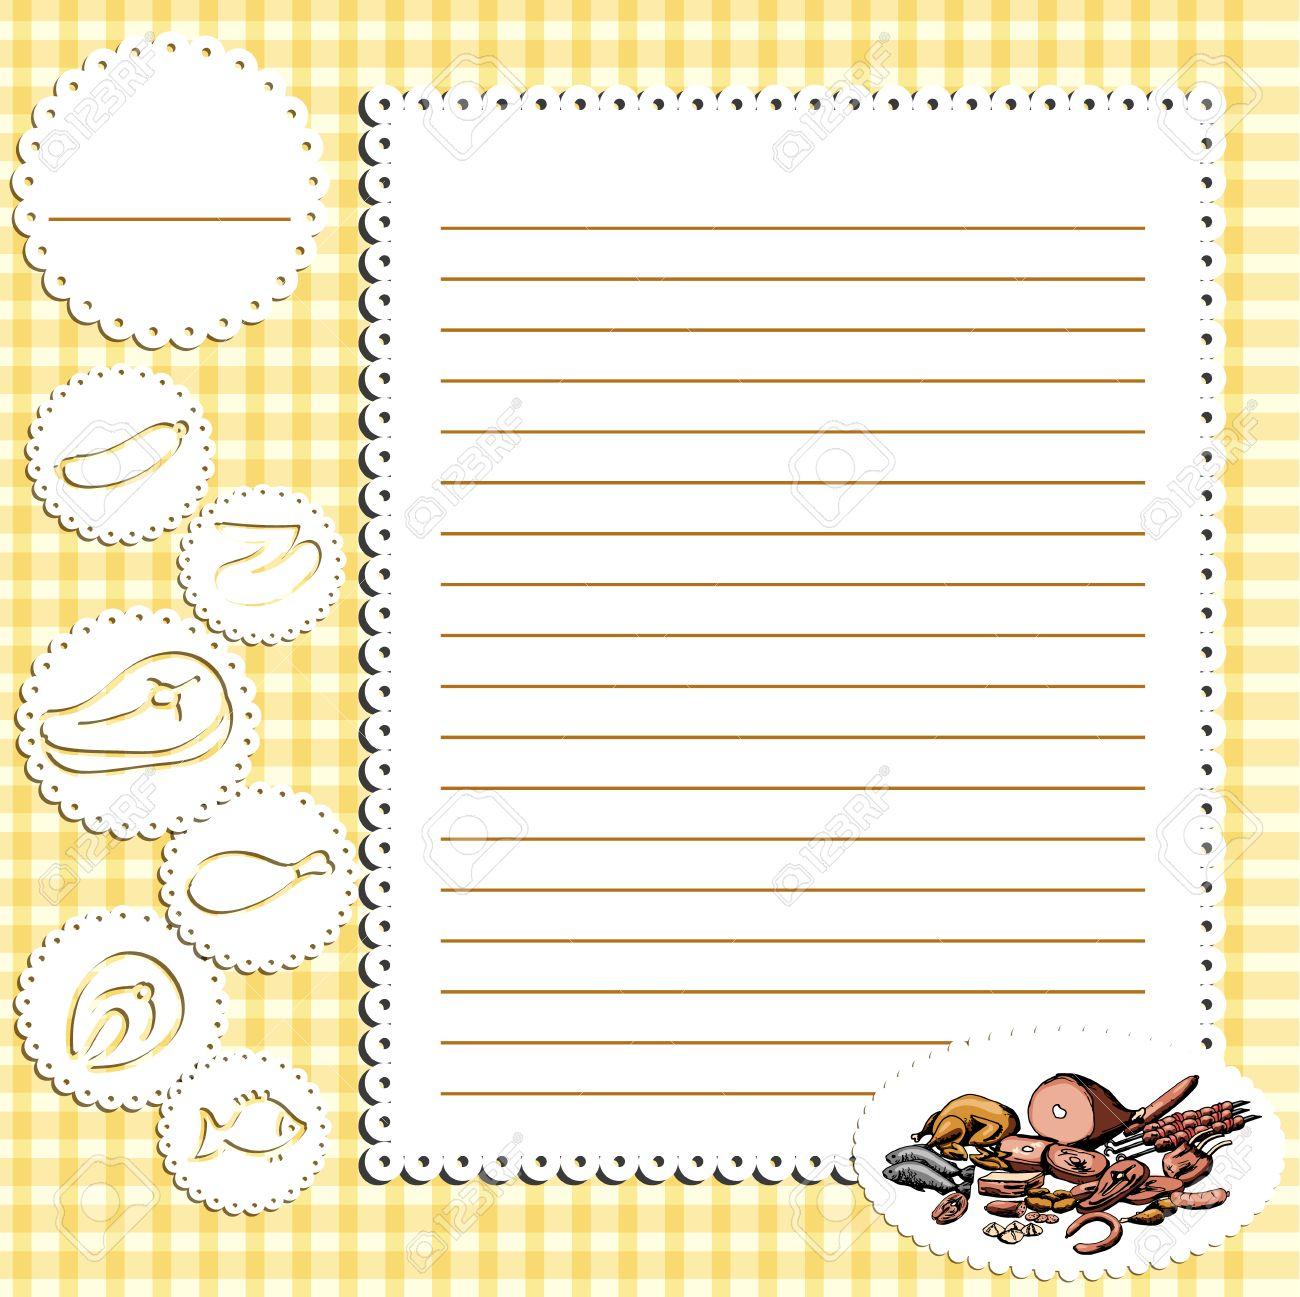 Fondo De Libros De Cocina, Se Puede Utilizar Para Cocinar, Panadería ...